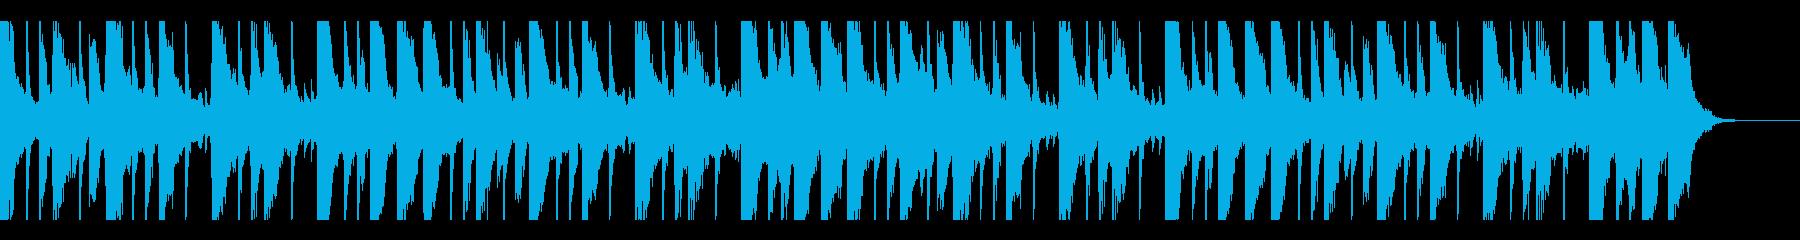 ピアノが切ないメロディーのBGMの再生済みの波形